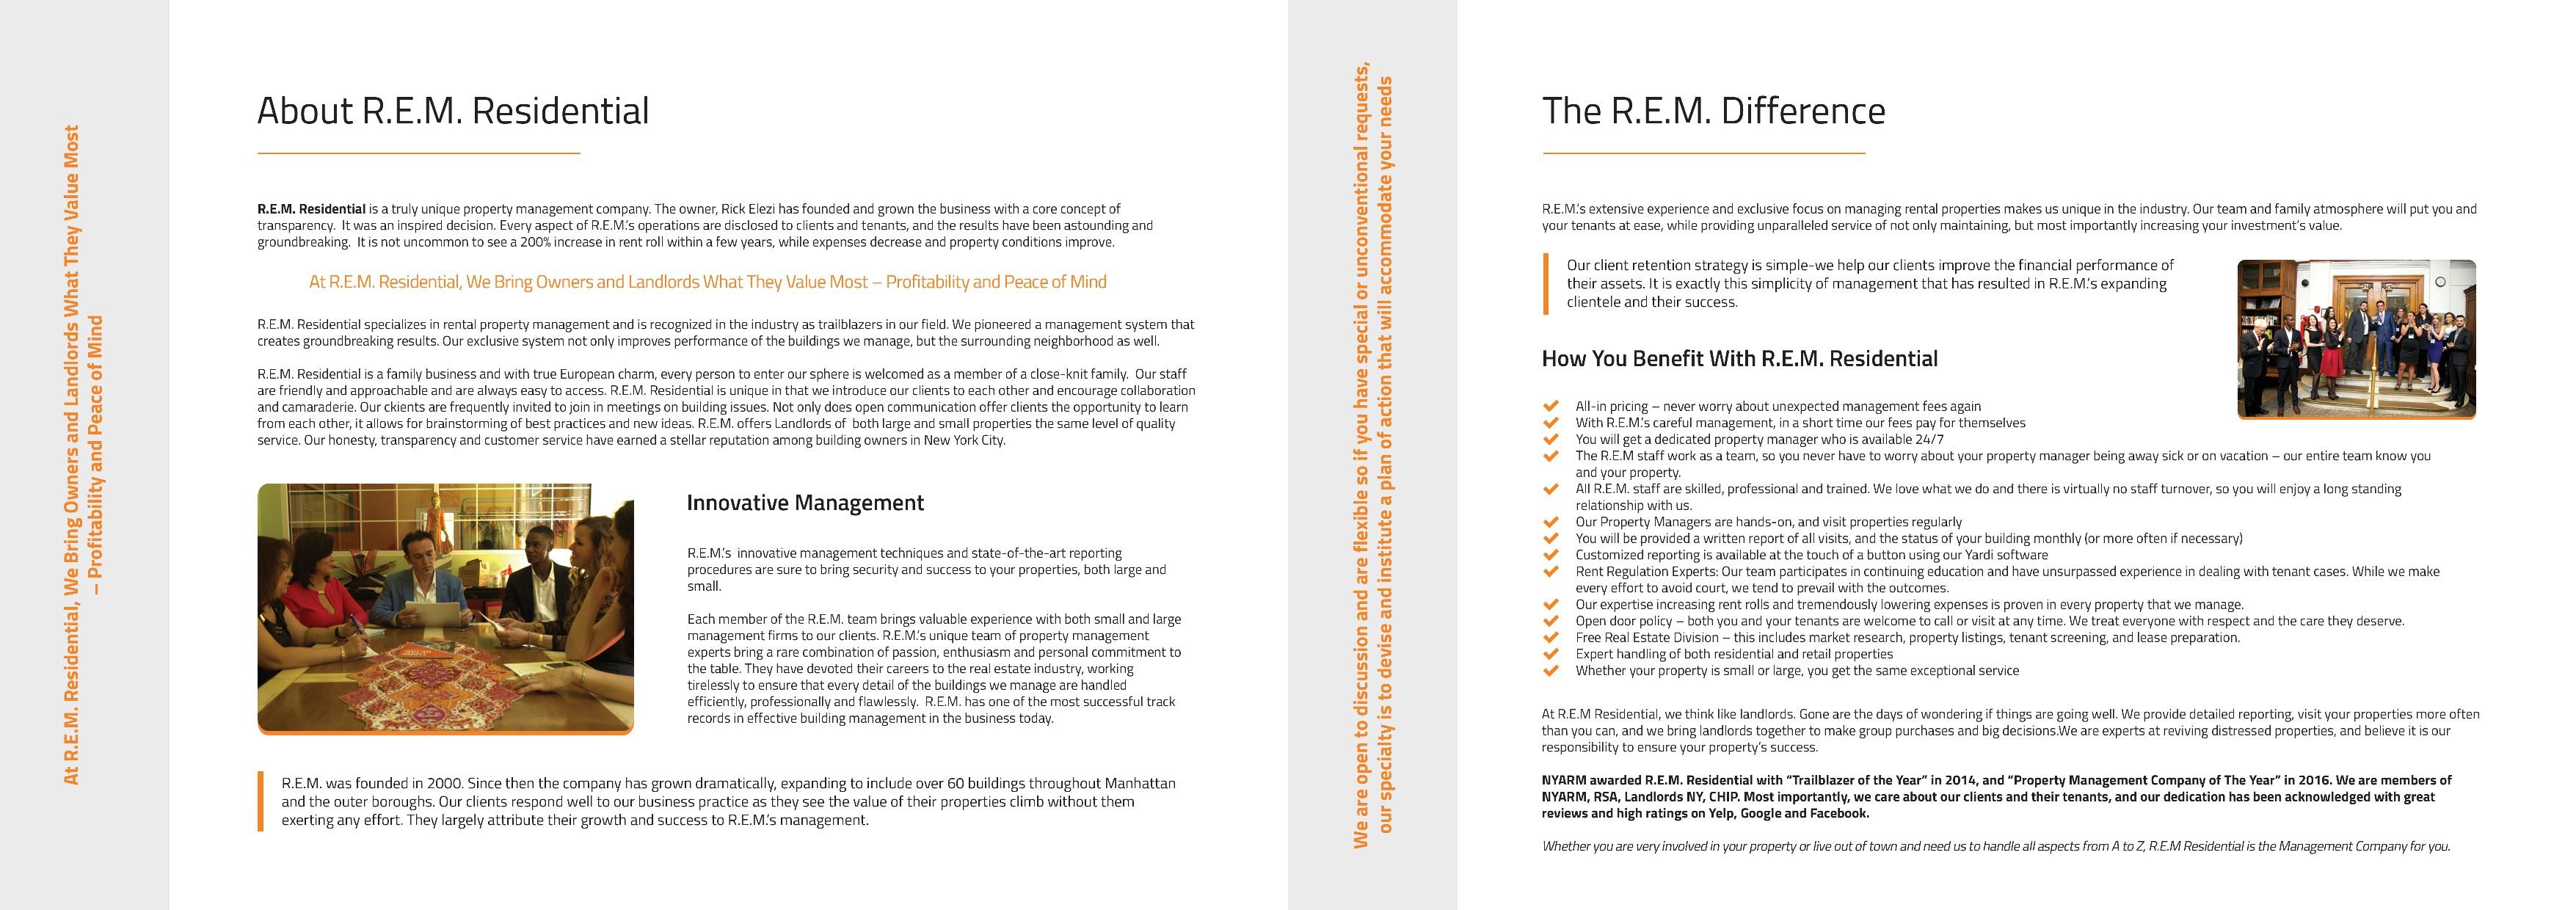 R.E.M. Residential Brochure